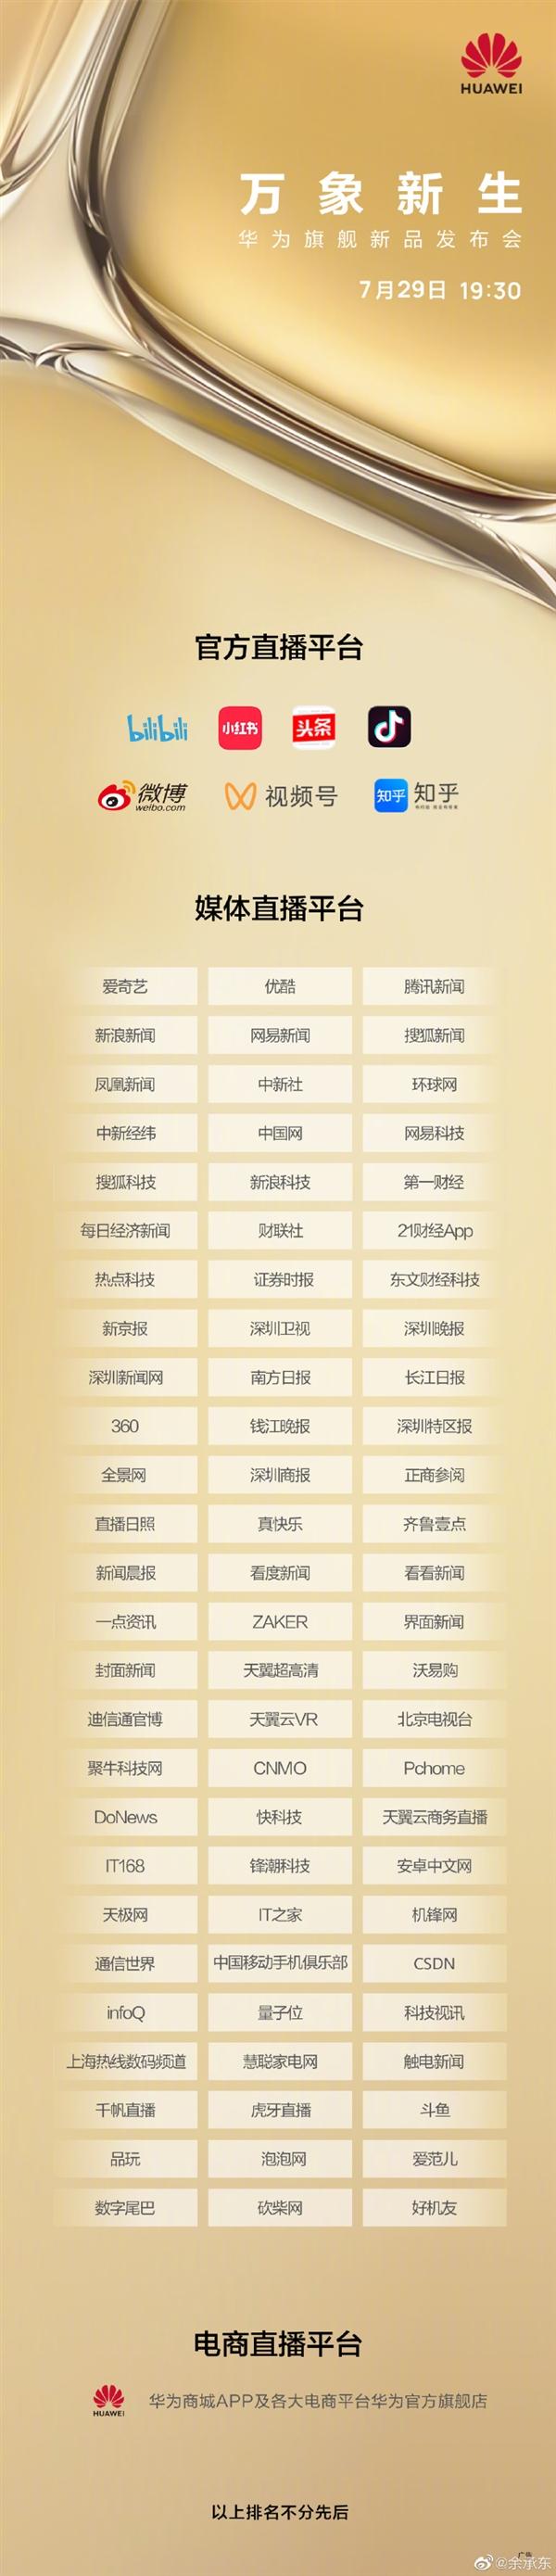 余承东预热华为P50发布会:首款SuperMiniLED智慧屏等多款旗舰新品将登场